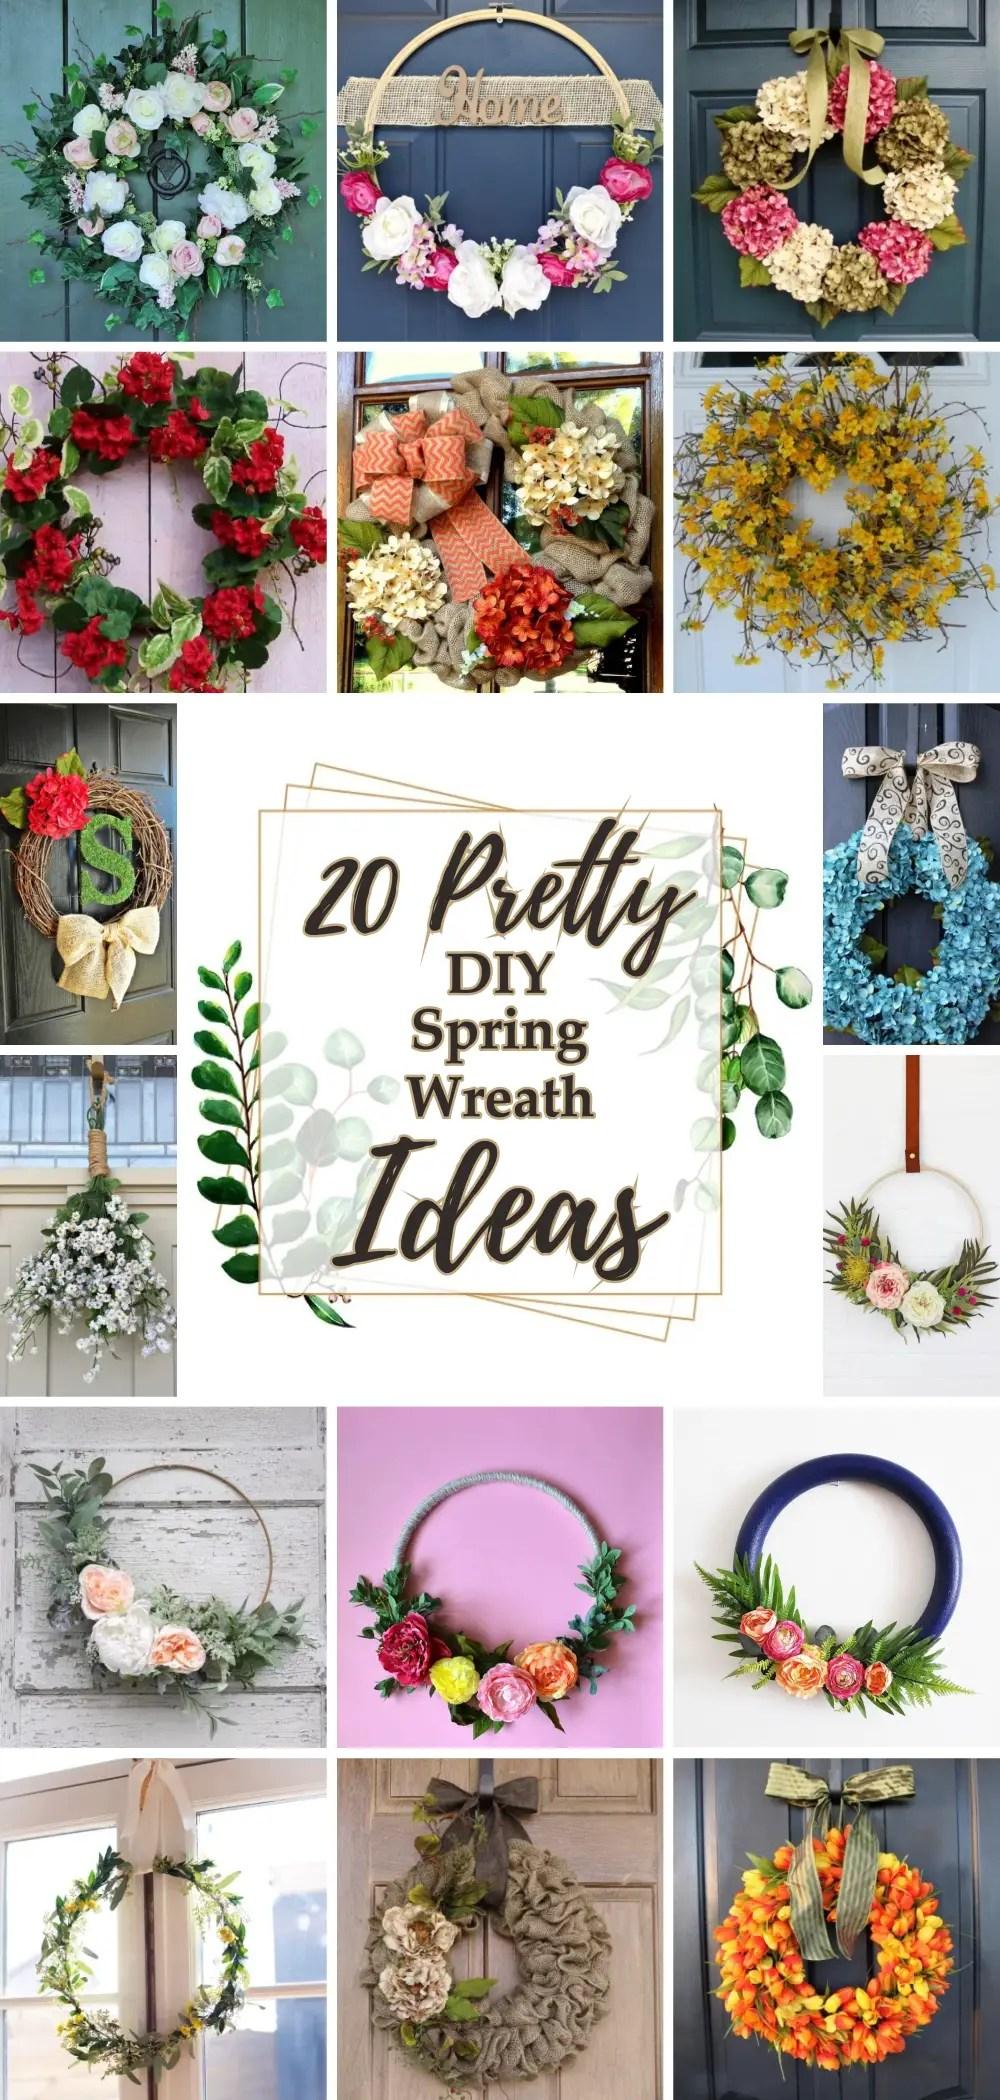 20 pretty diy spring wreath ideas 1